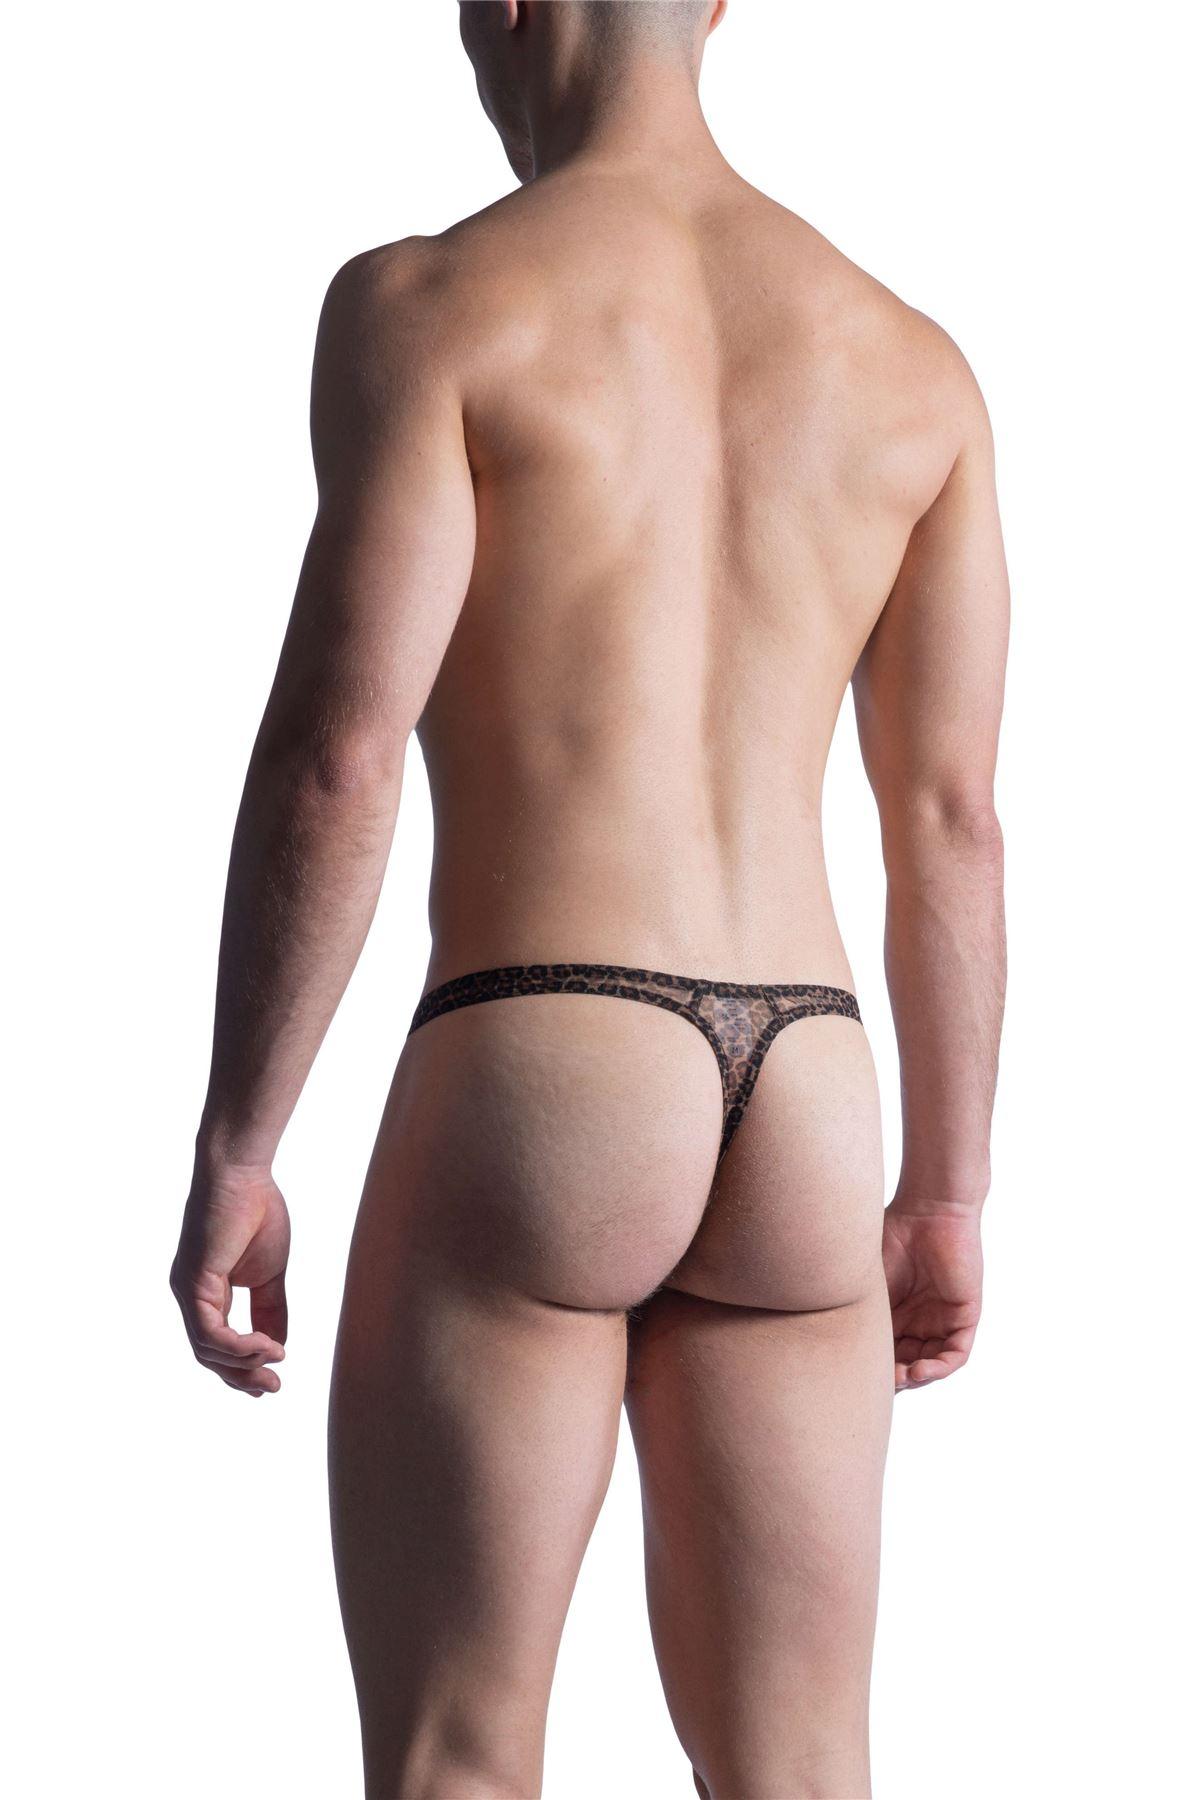 Manstore M855 Tower String men/'s underwear enhancing thong male slip mesh animal